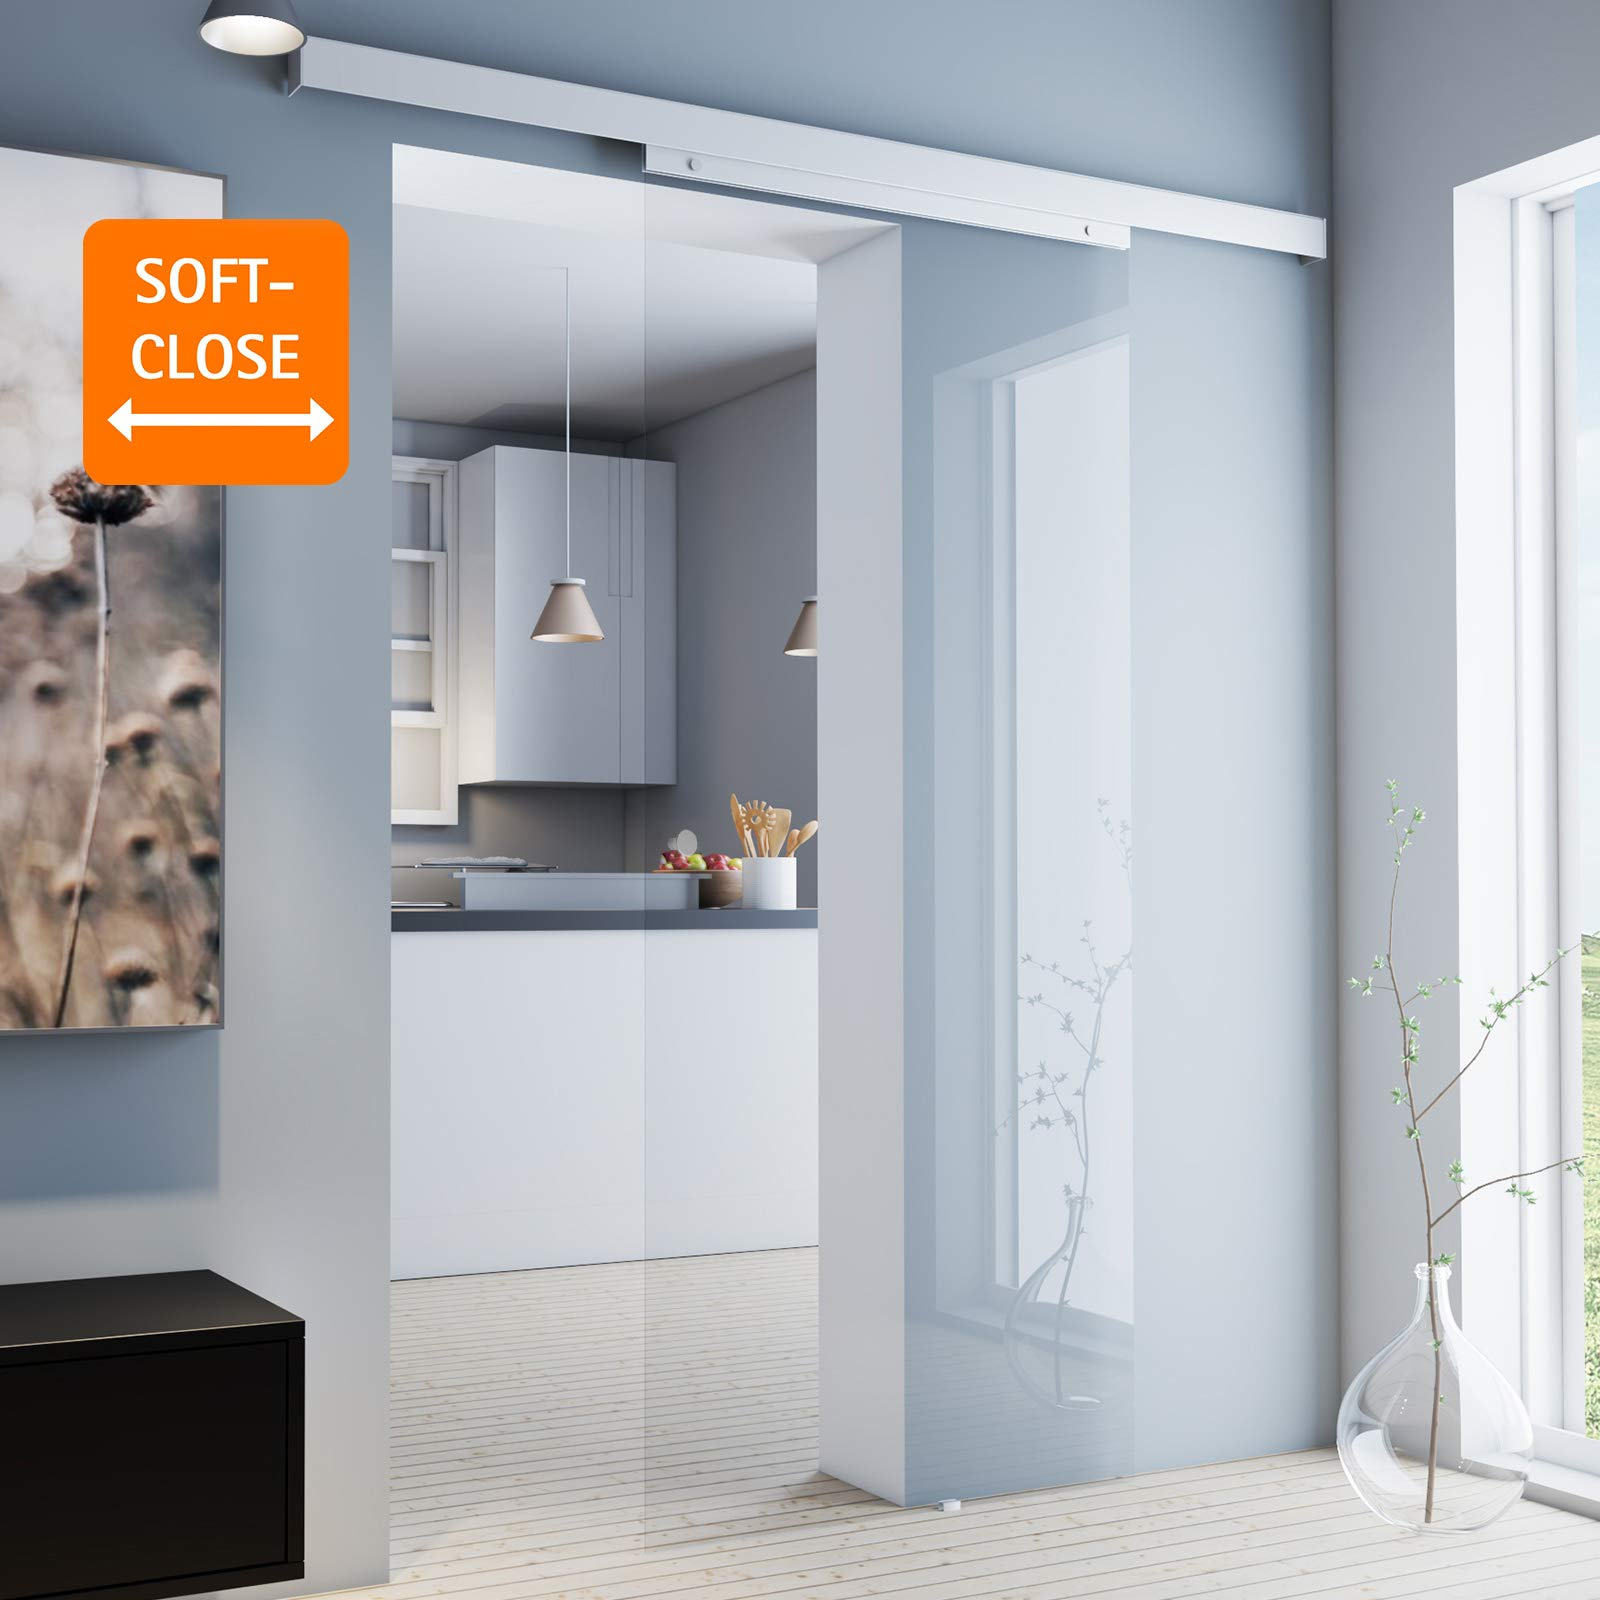 inova - Puerta corredera de cristal 755 x 2035 mm, puerta de cristal transparente de 8 mm, juego completo de herrajes de puerta corredera de aluminio opcional, cierre suave, Griffknopf+2seitiger Softclose: Amazon.es: Hogar